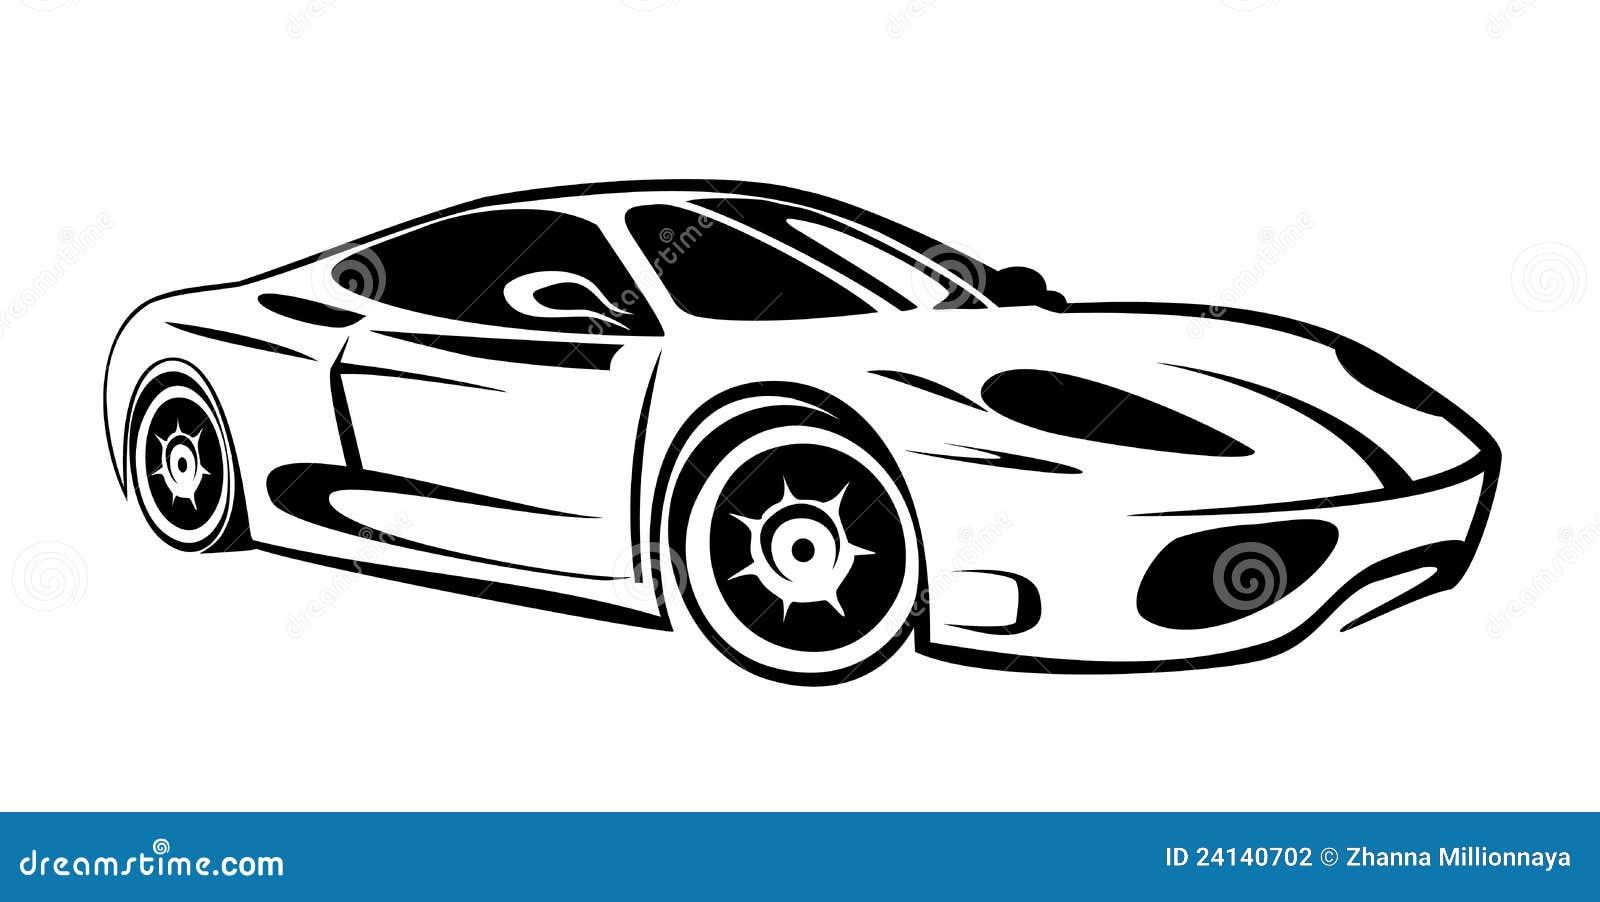 Чёрно-белый рисунок автомобиля